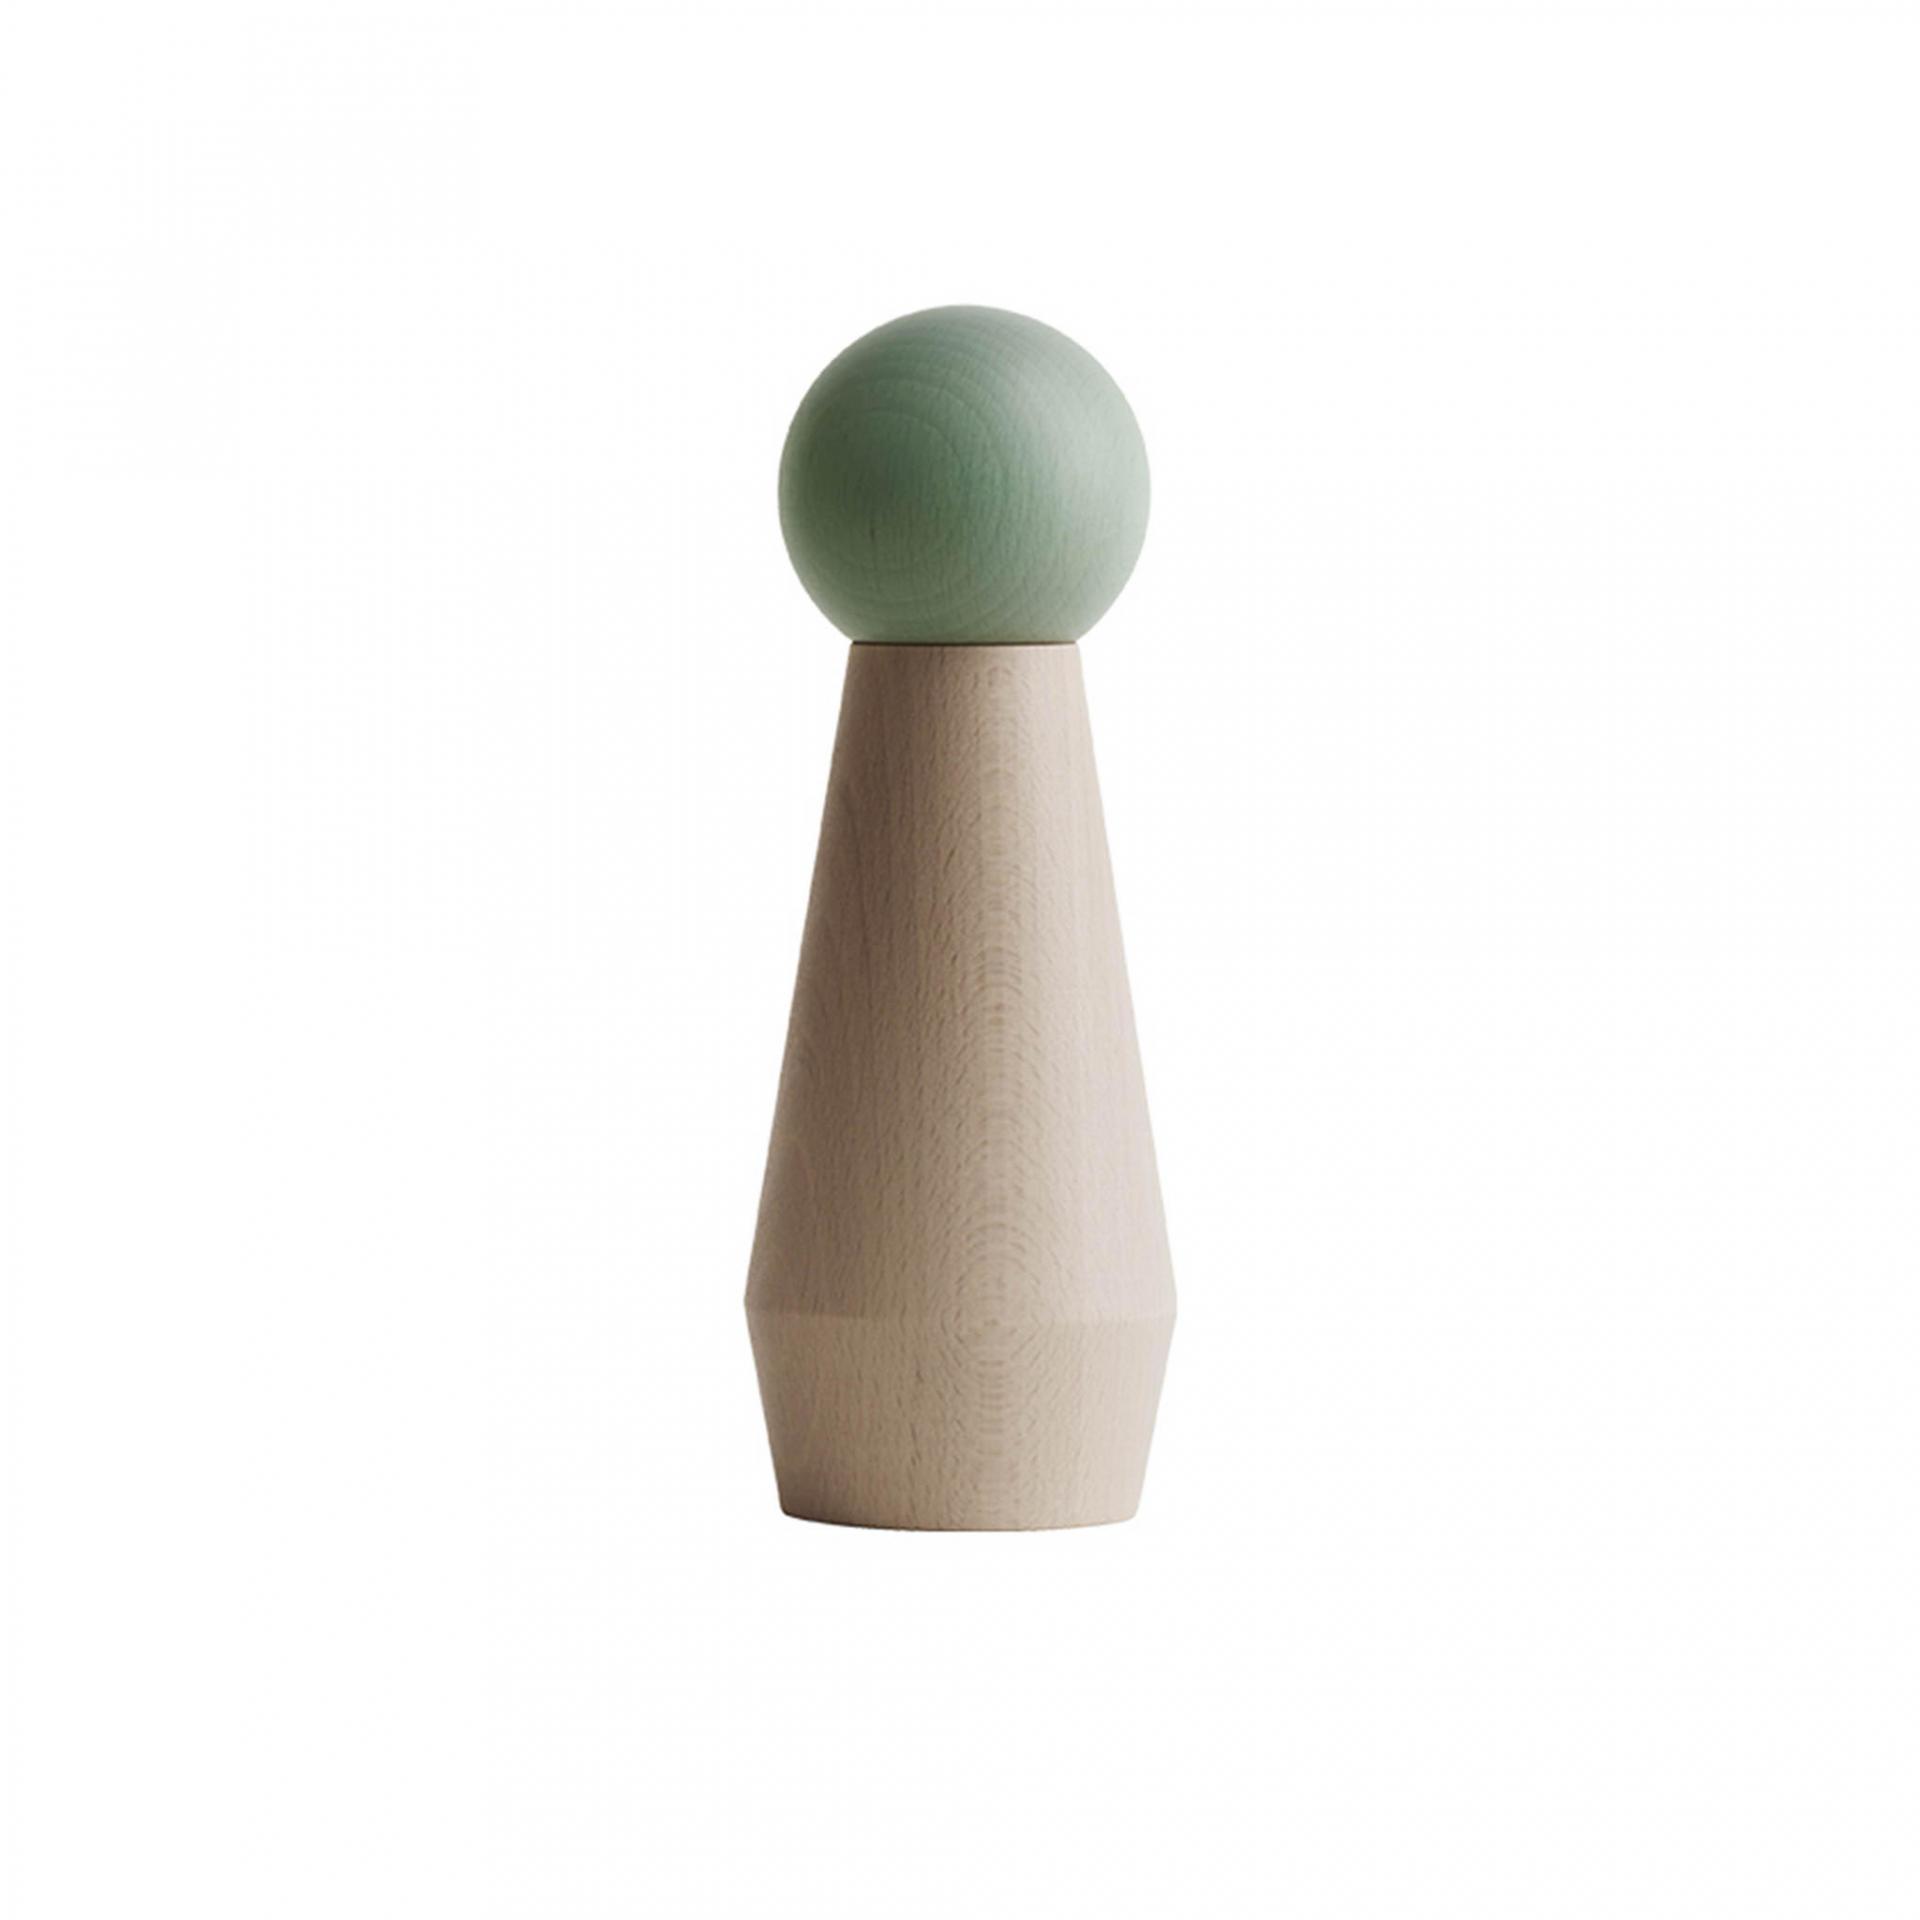 OYOY Dřevěný mlýnek na sůl či pepř Mint, zelená barva, hnědá barva, dřevo